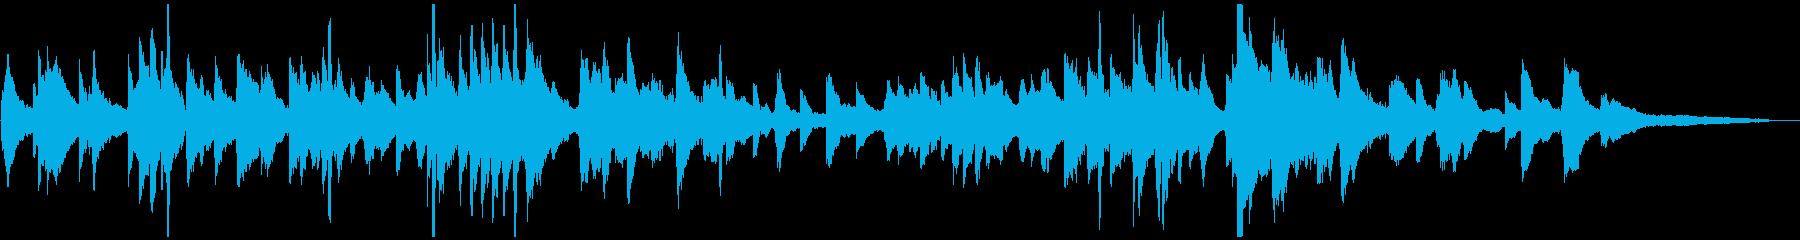 優しくゆったり ヒーリング系ピアノソロの再生済みの波形